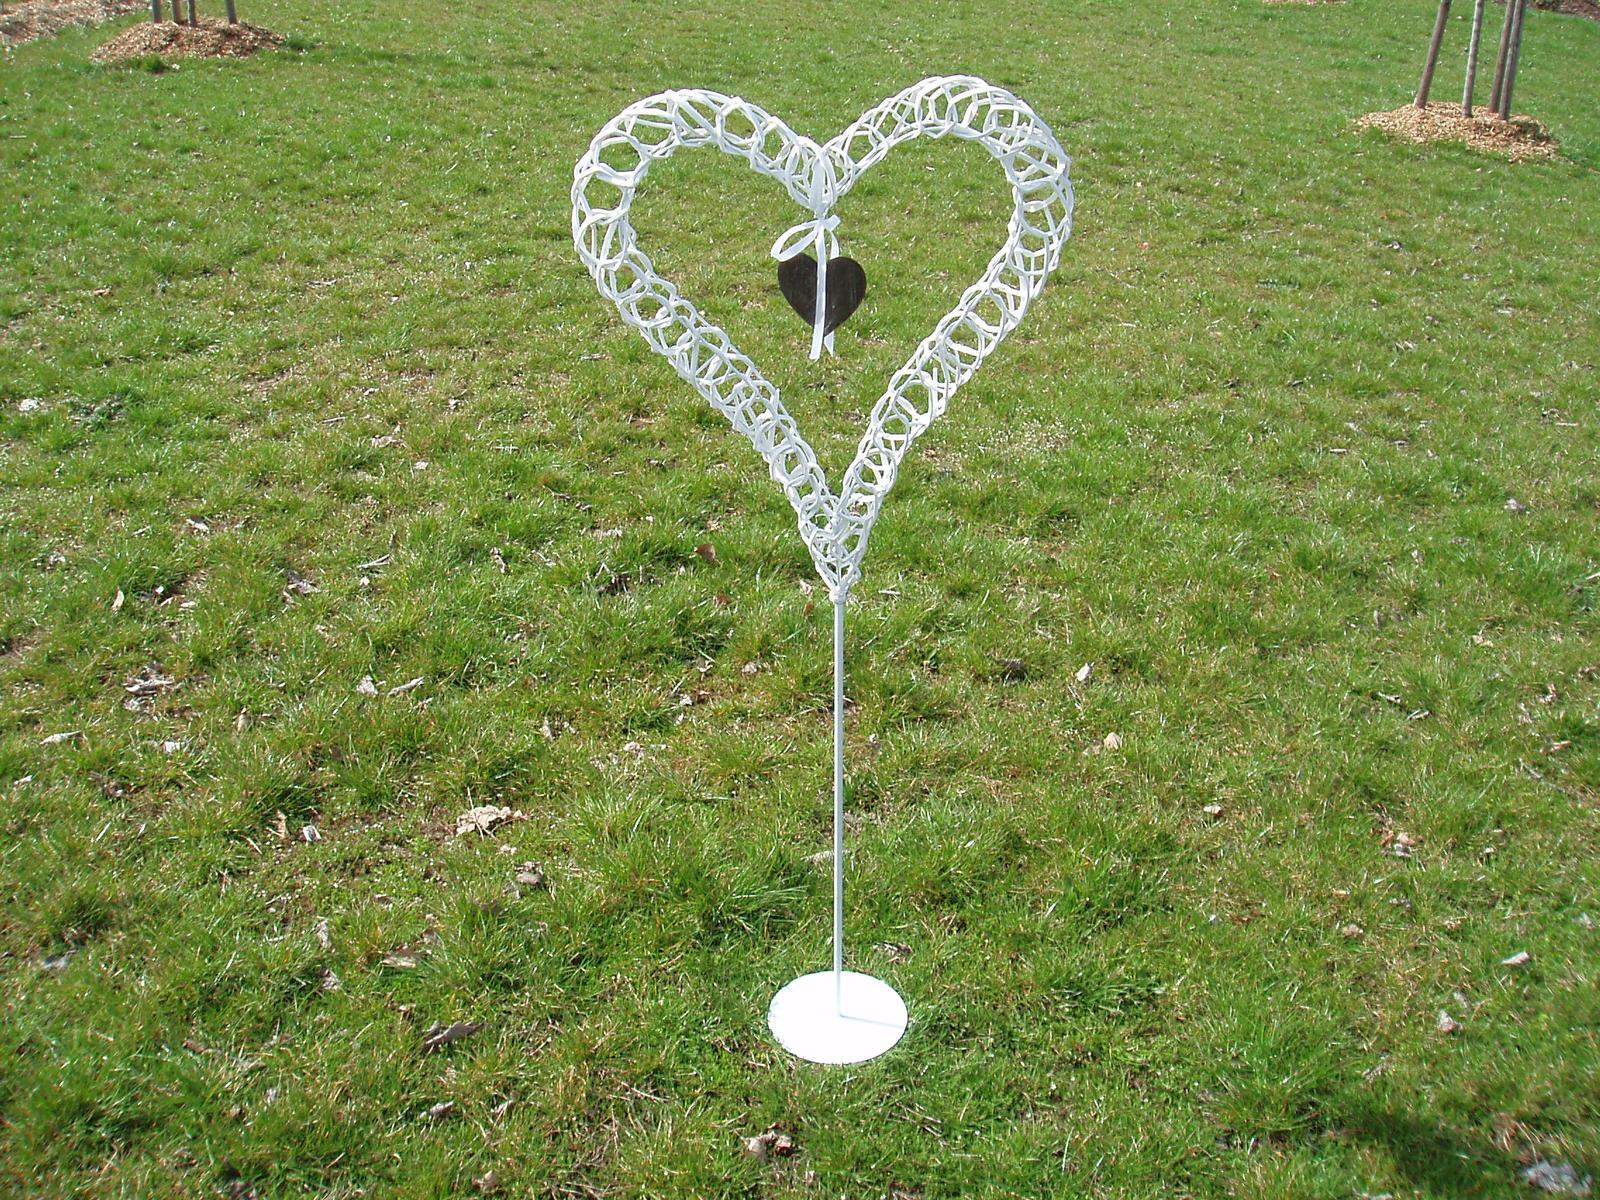 srdce na stojanu - Obrázek č. 1